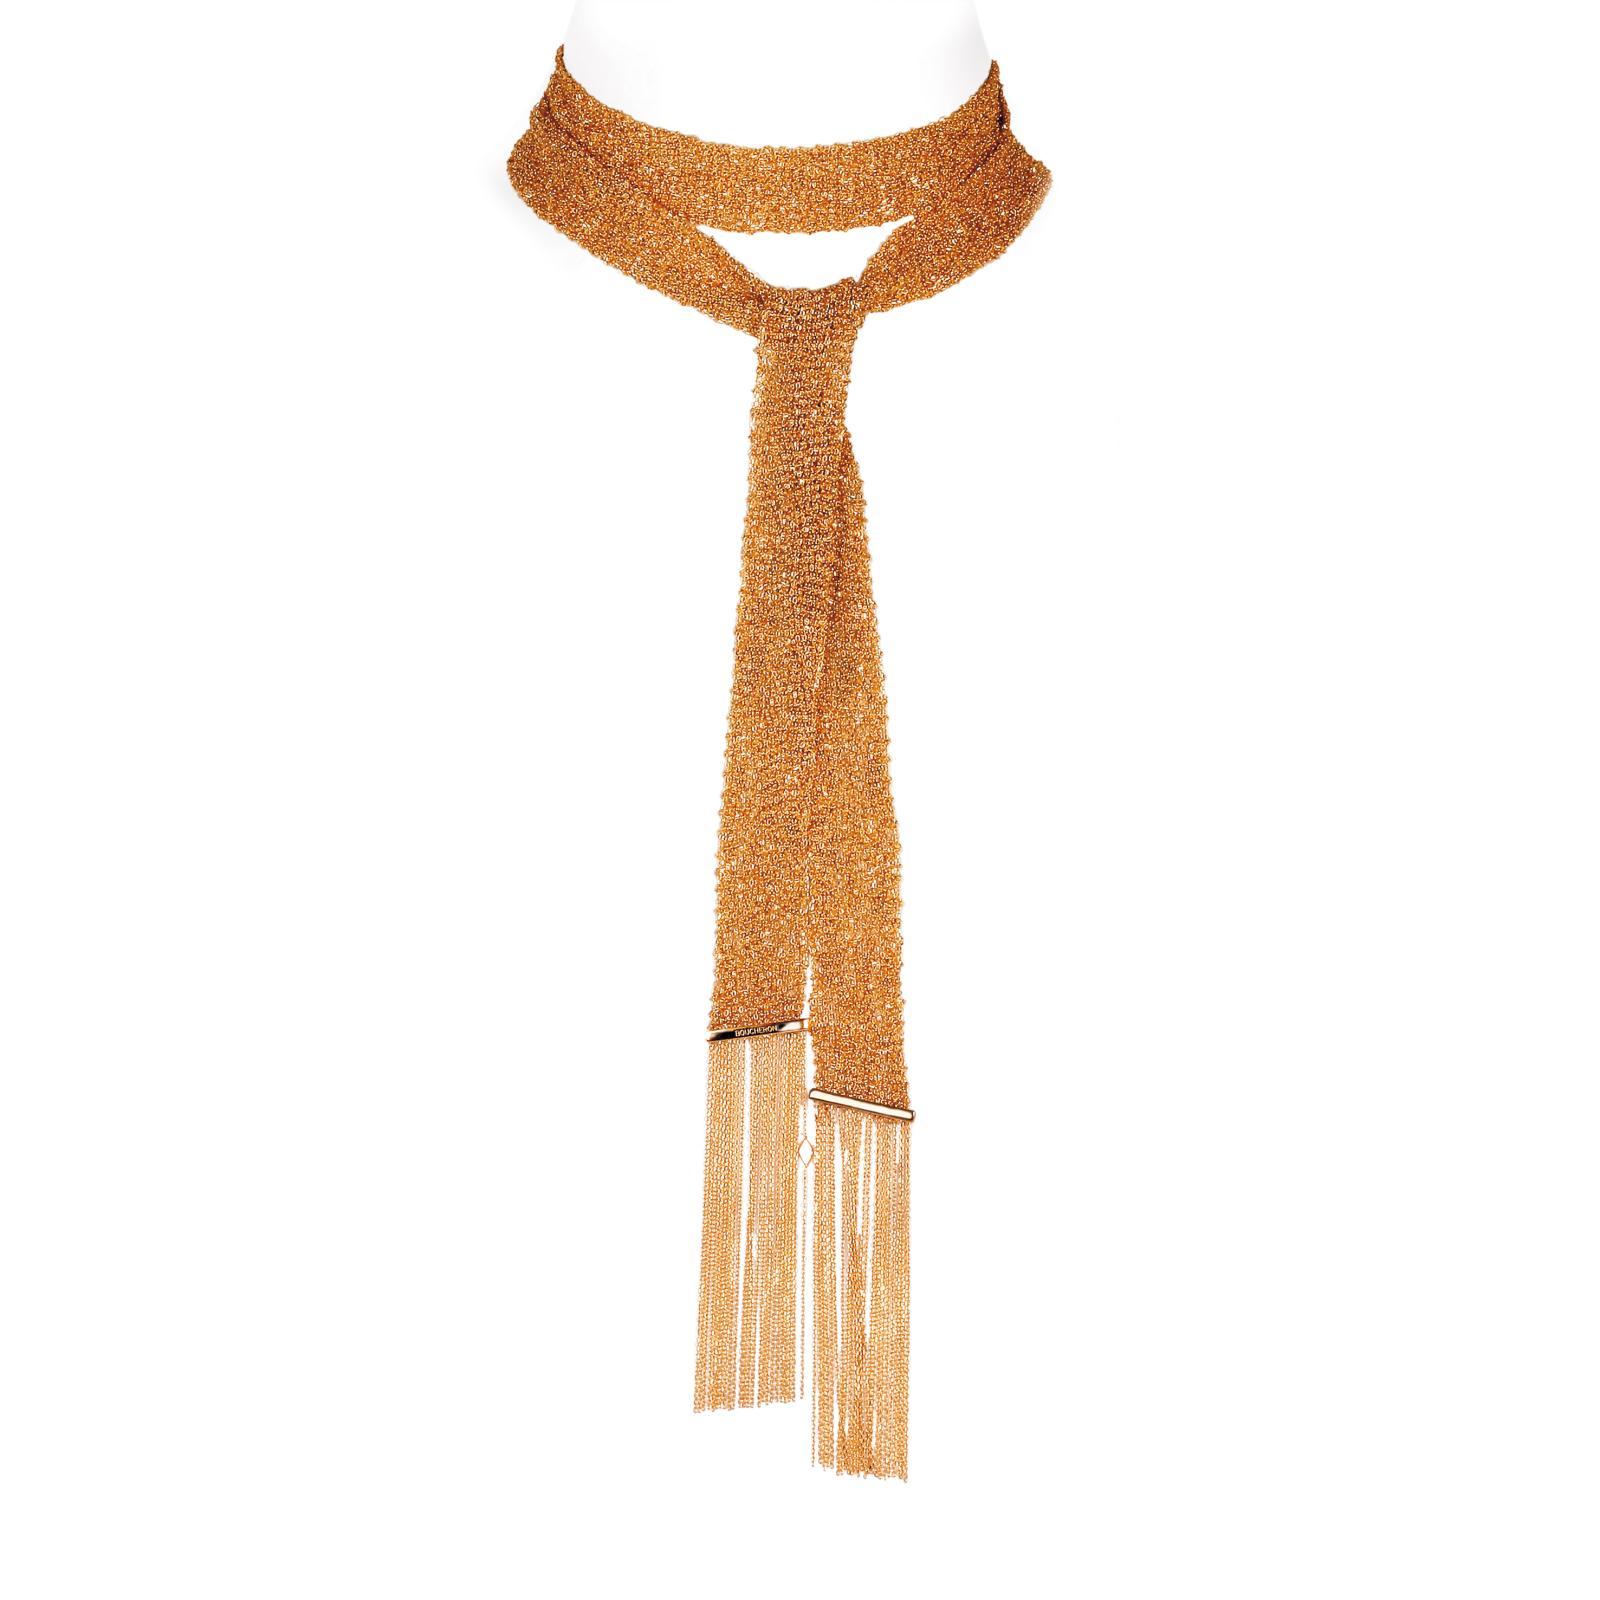 Le collier écharpe Delilah, commandé par le grand-duc Vladimir, thématique intemporelle de la maison.